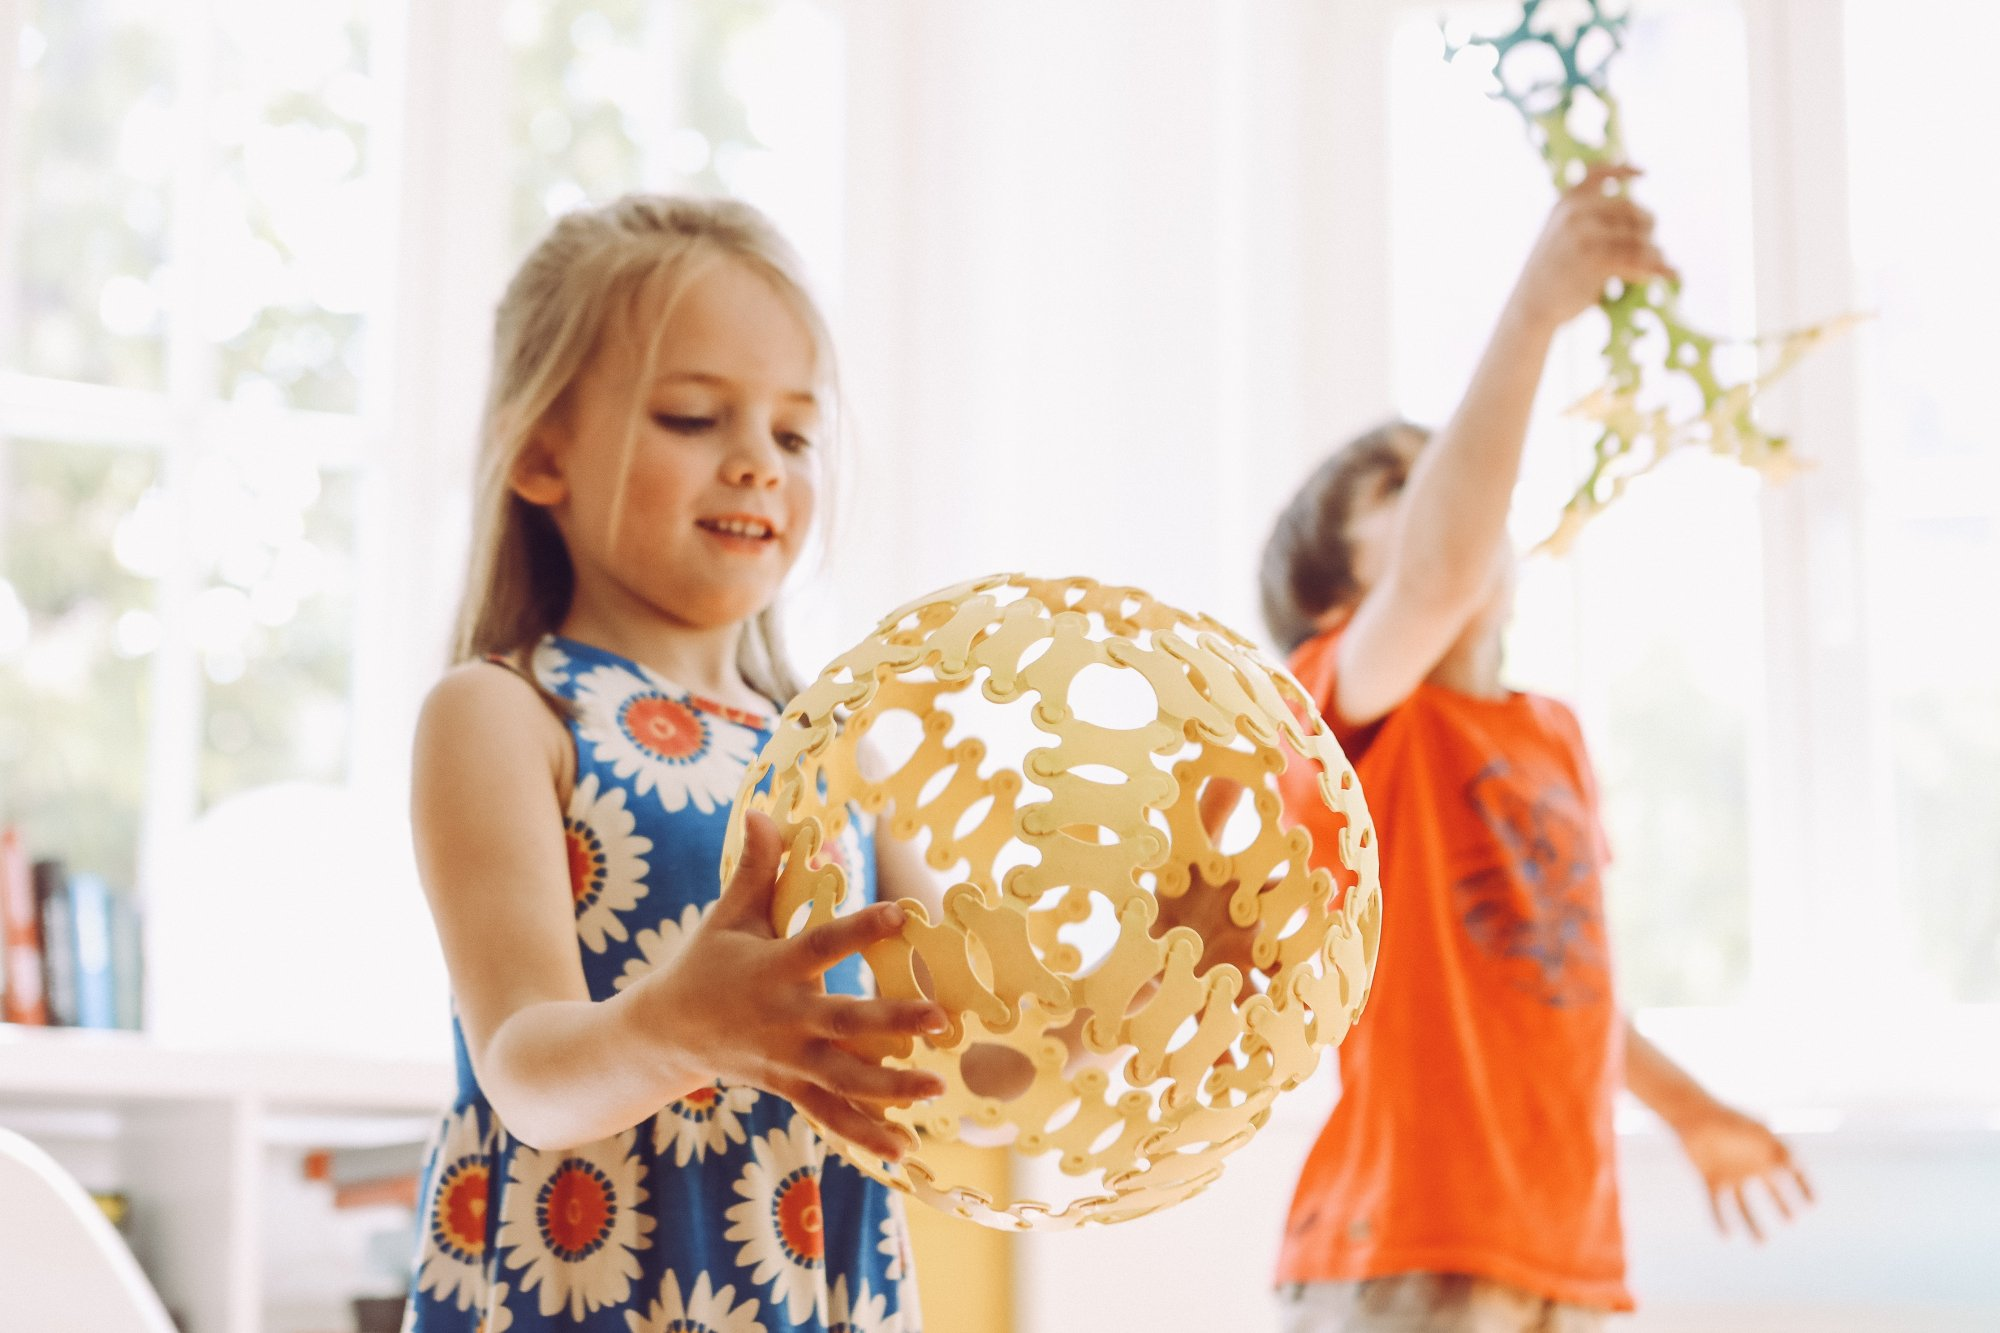 Spaß mit kreativen und nachhaltigen Spielzeugen. (Foto: TicToys)